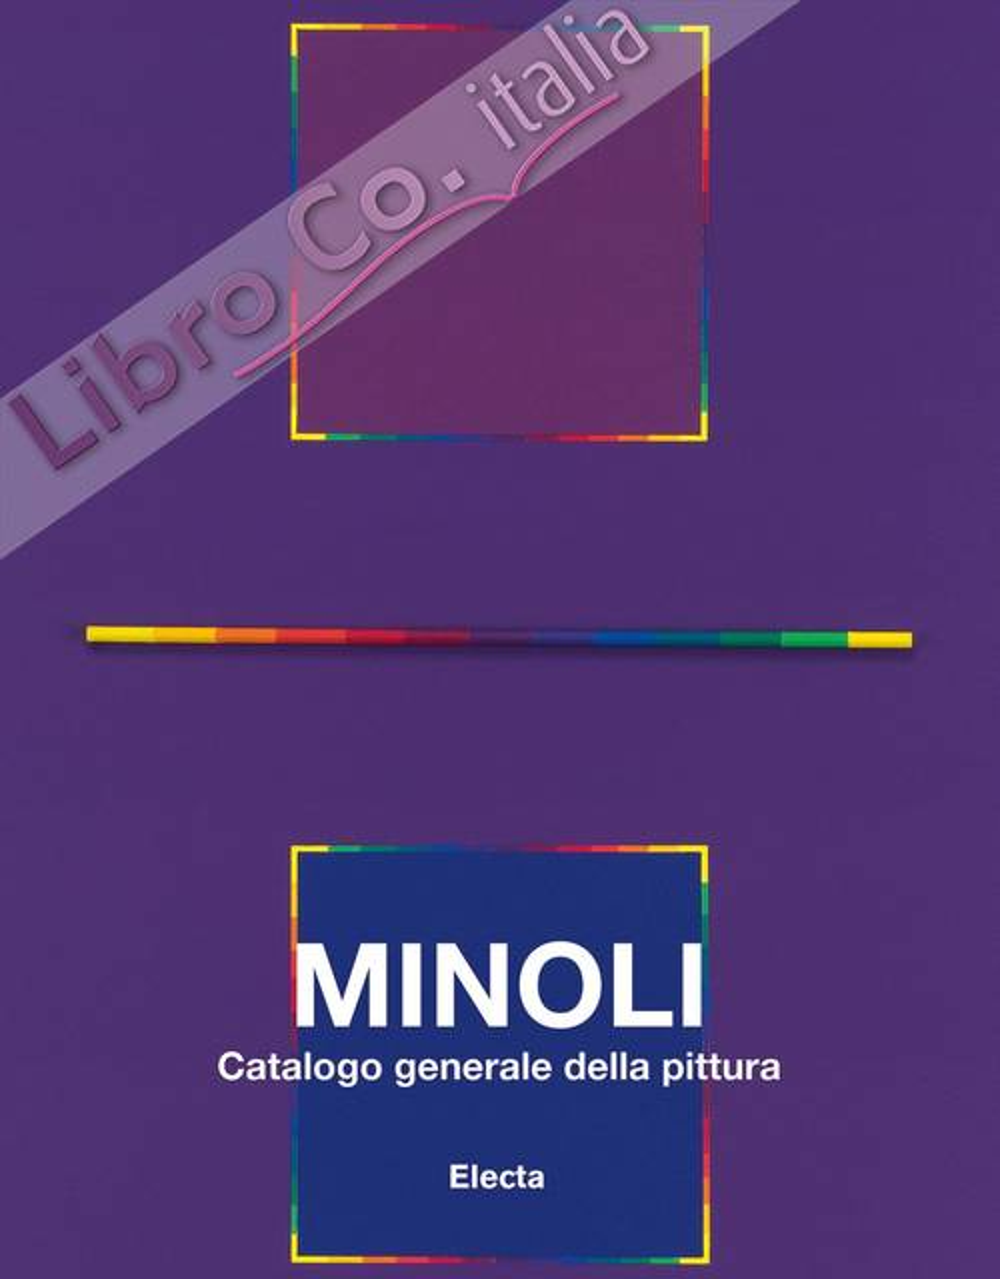 Paolo Minoli. Catalogo generale della pittura. Volume secondo 1980 - 1992